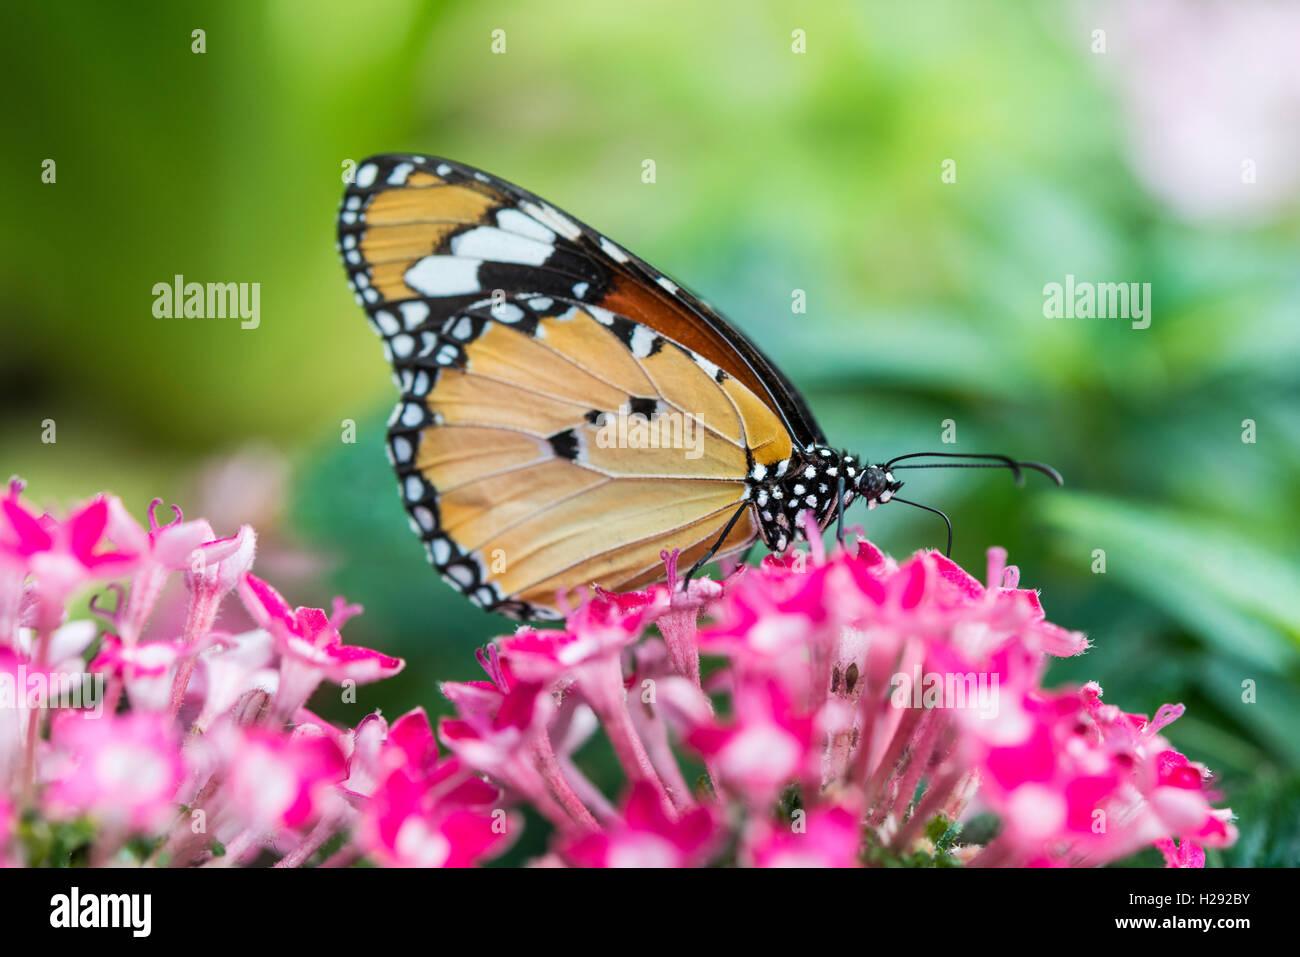 Farfalla monarca (Danaus plexippus) sul fiore rosa, captive Immagini Stock